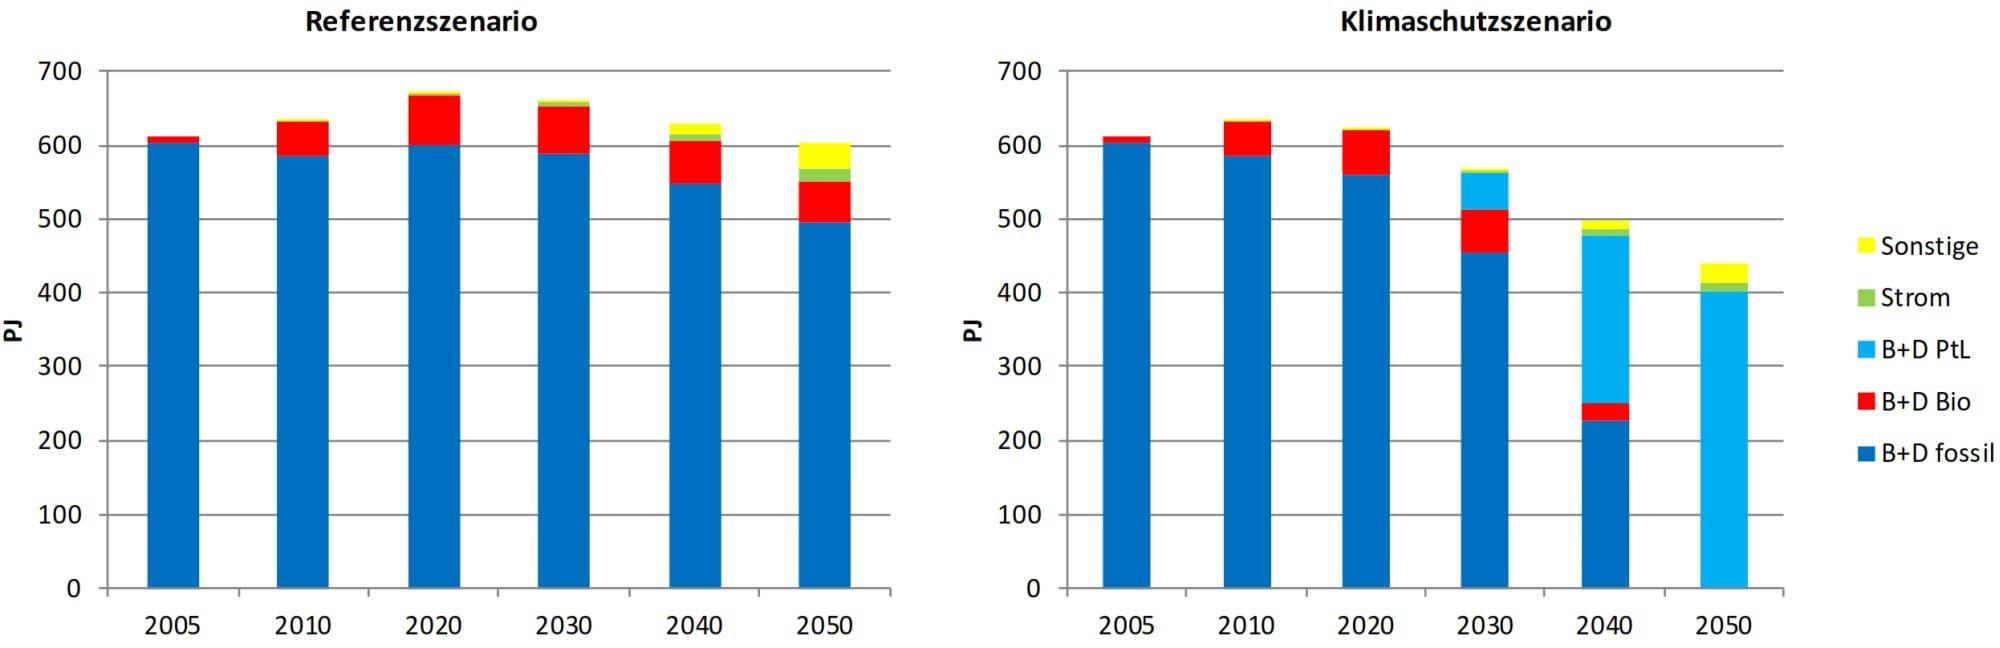 Endenergieverbrauch Straßengüterverkehr 2050 Kraftstoffherkunft Energieträger 2050 Klimaschutz